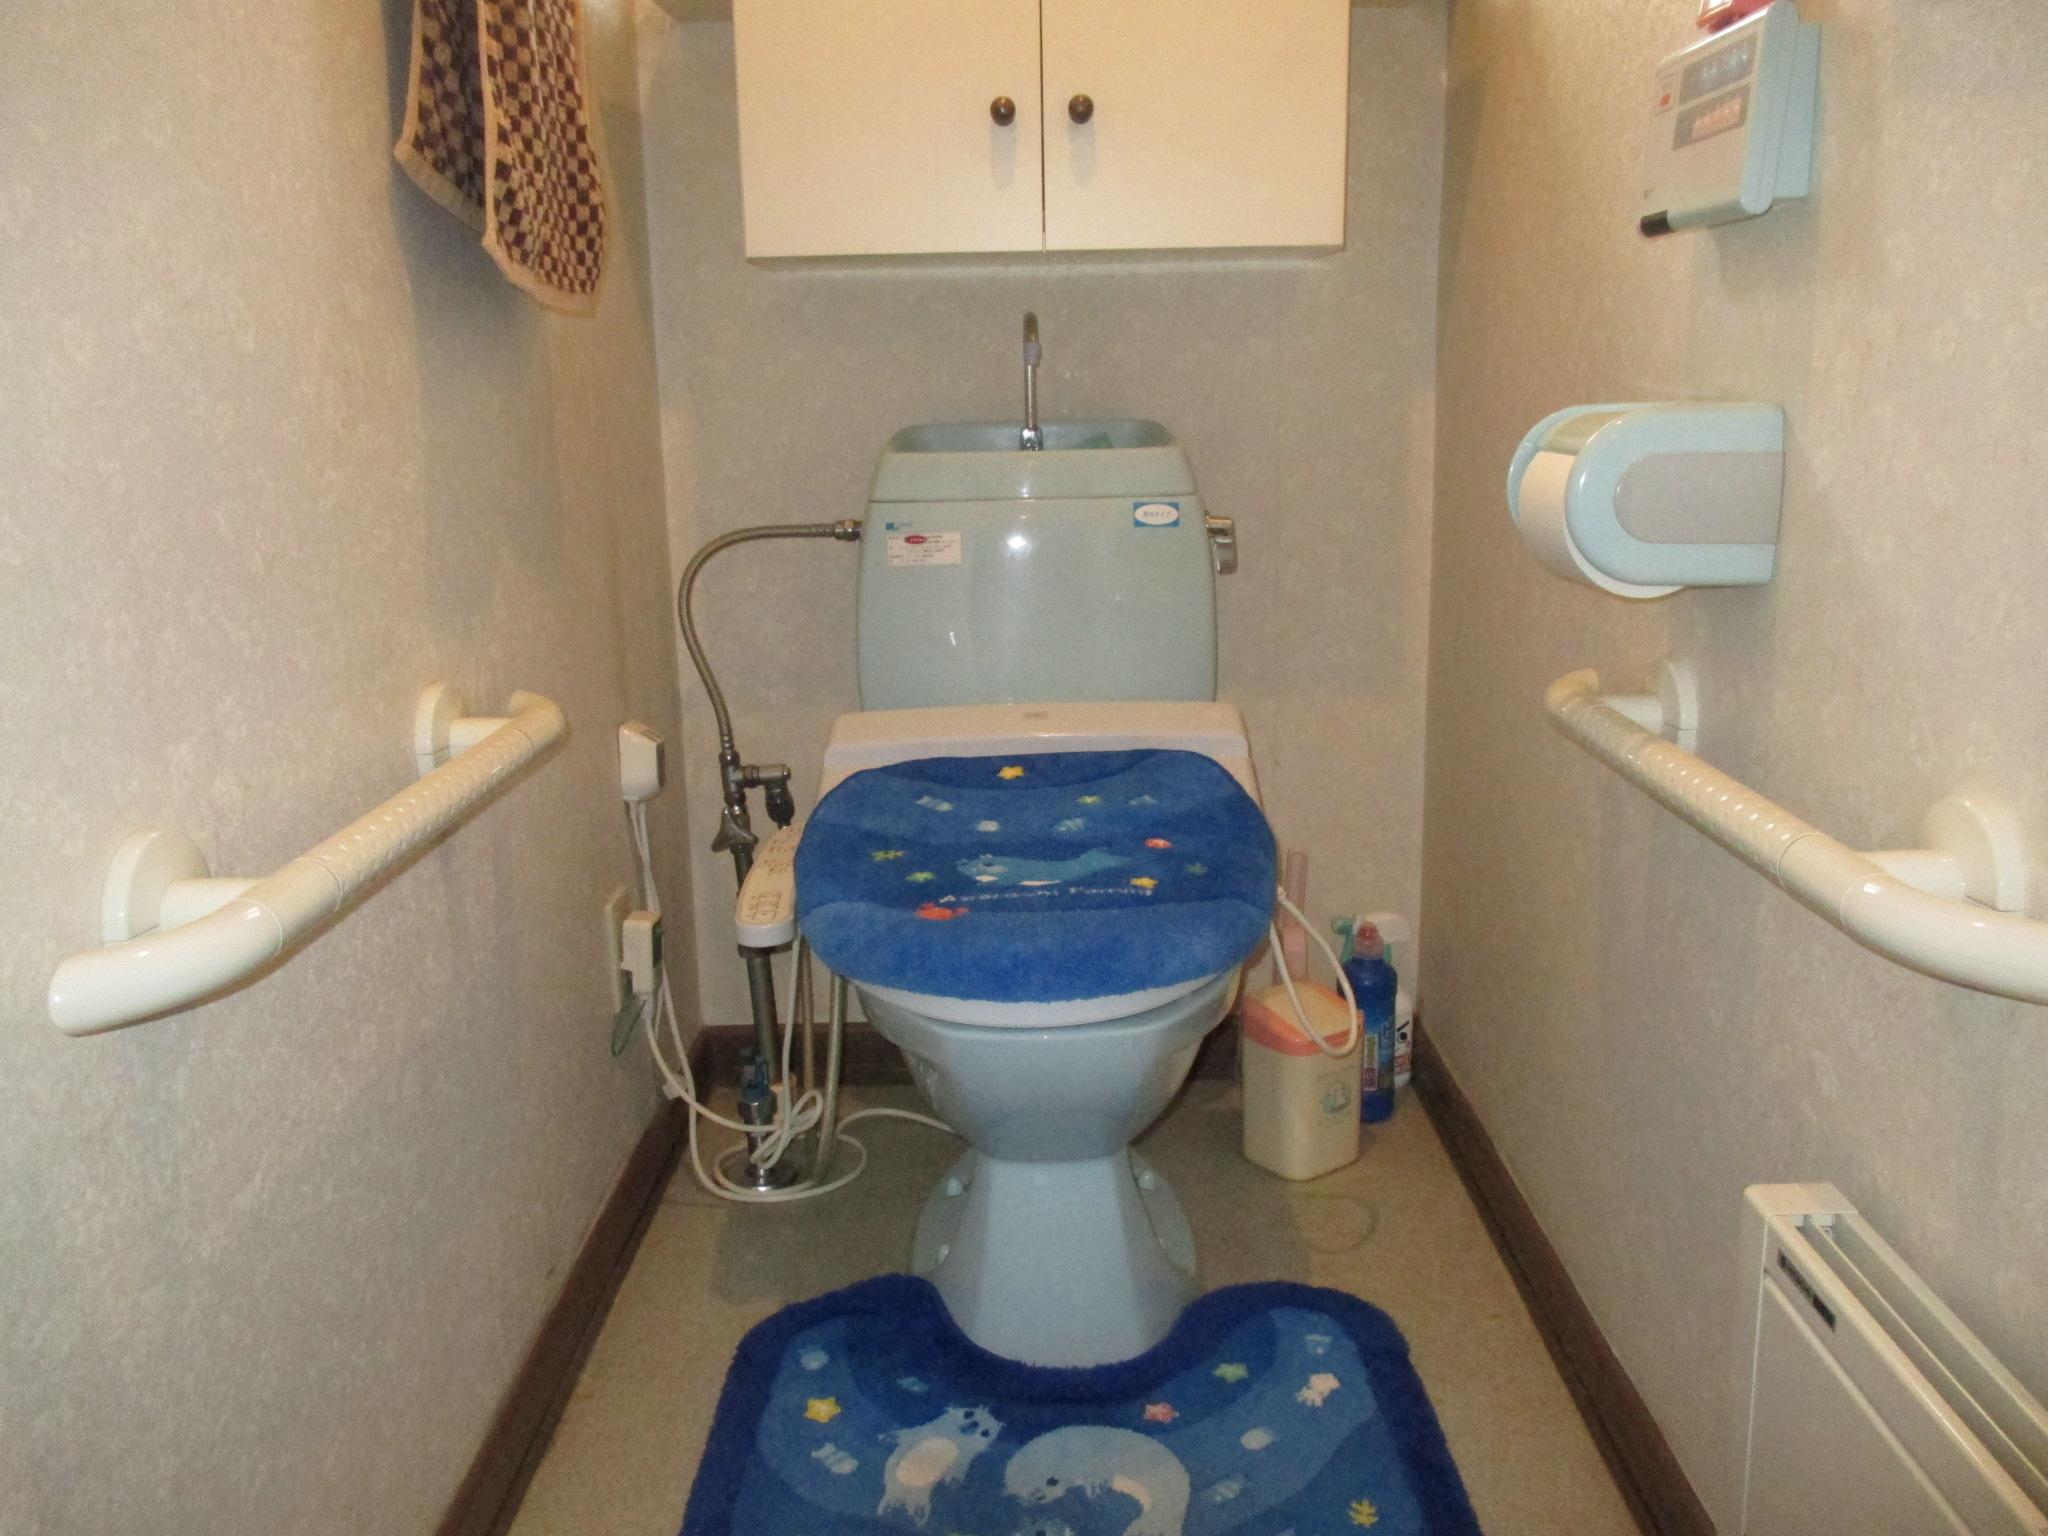 排水芯が壁から120mmのトイレだった為、排水管の移設を行いました。